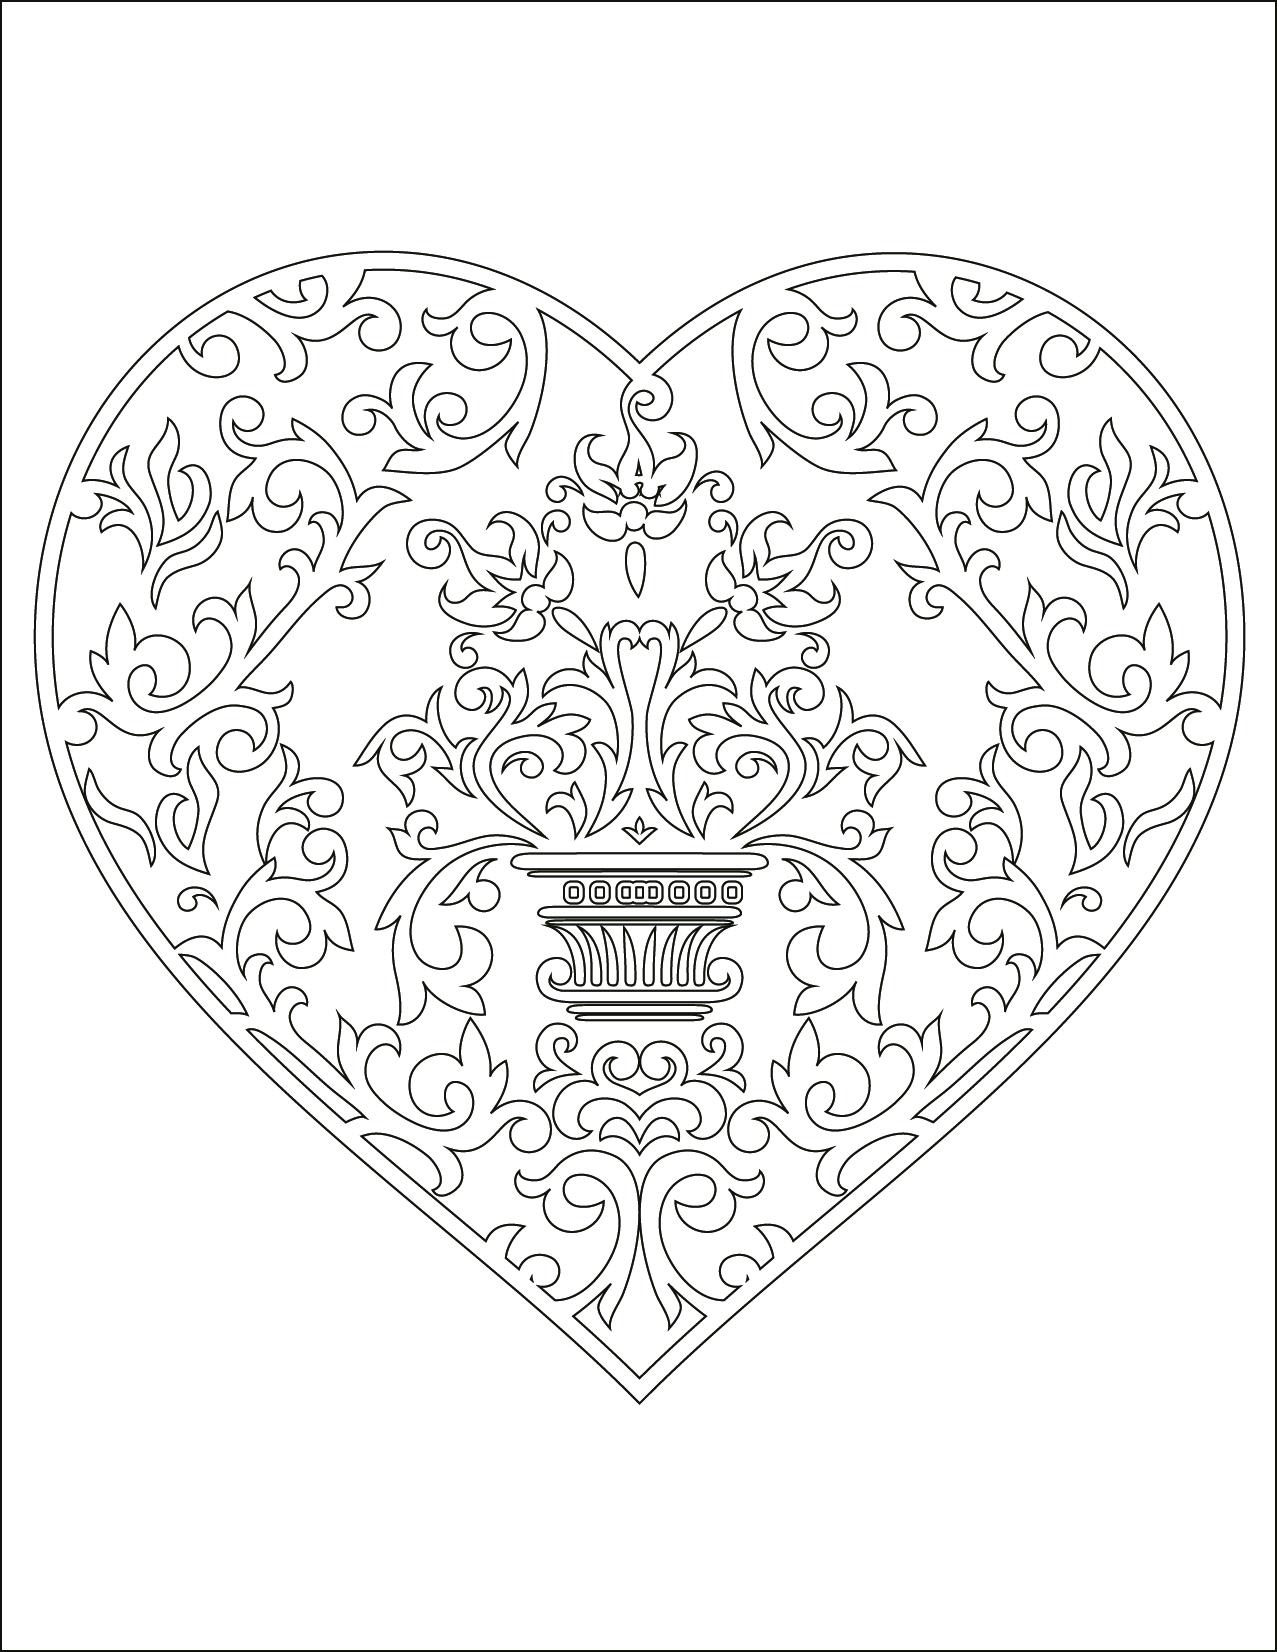 Image De Coeur D Amour Gratuit À Dessiner - Artherapie.ca encequiconcerne Dessin Damour